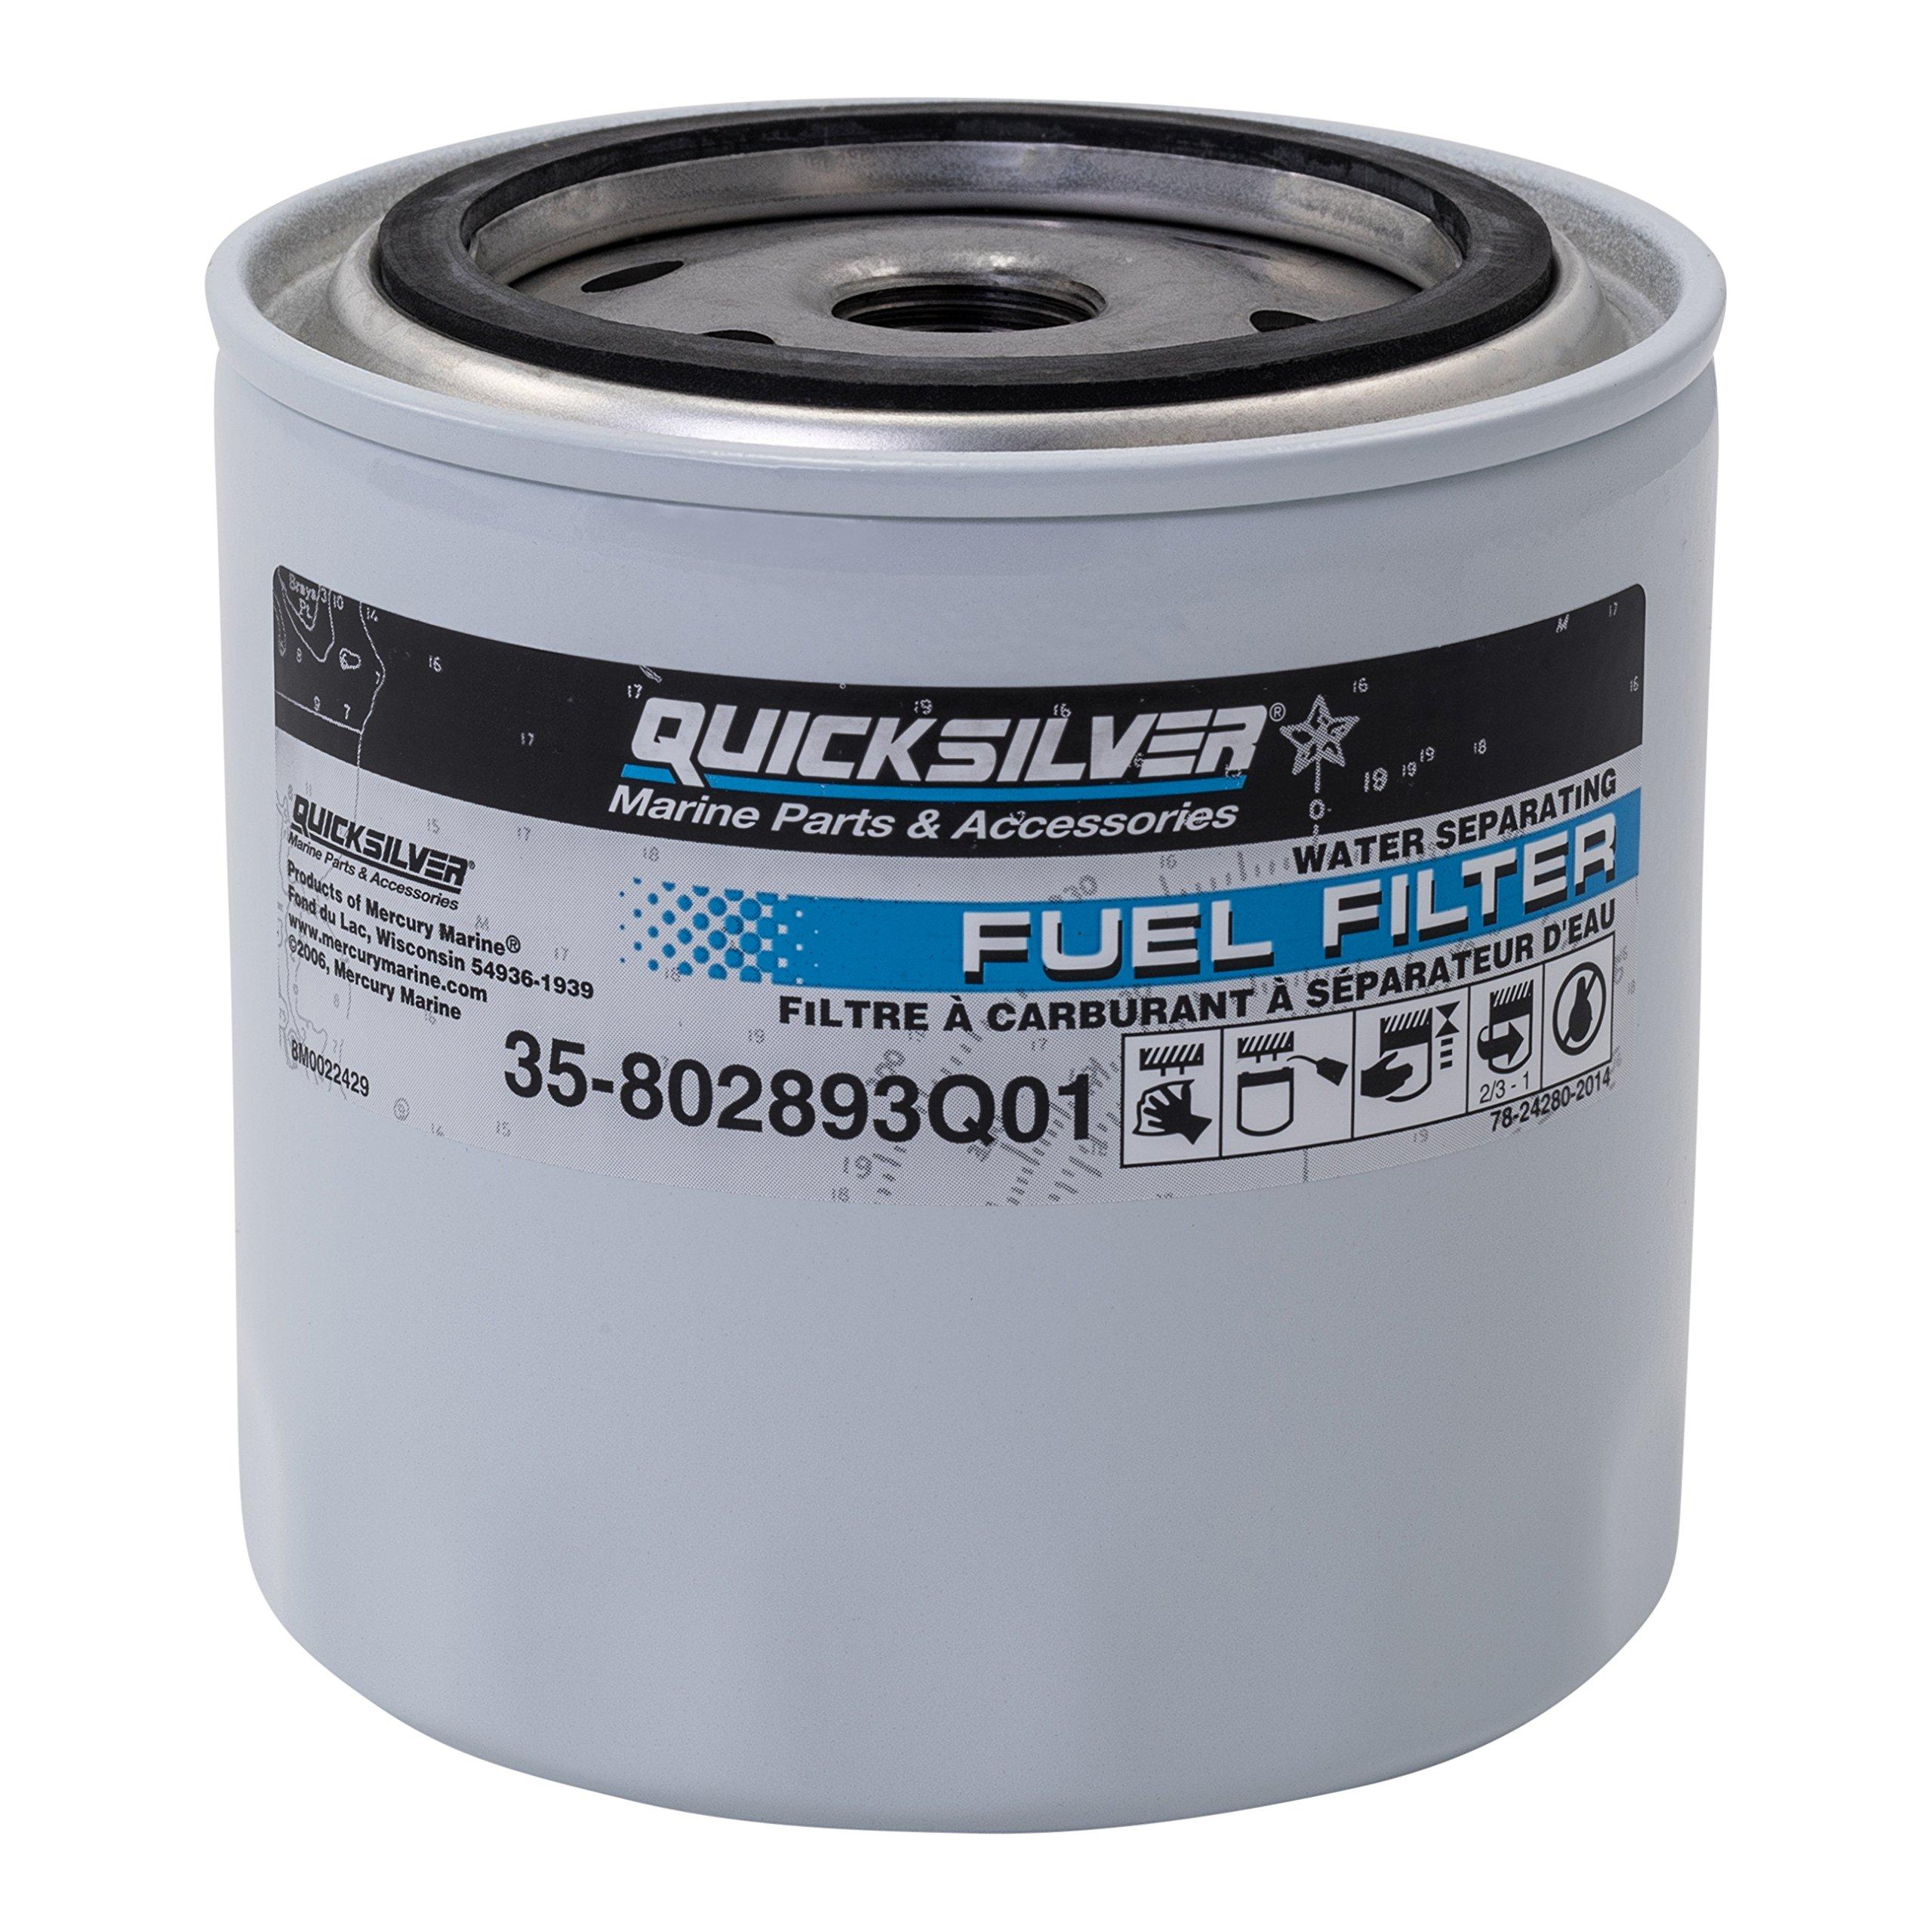 35-802893Q01 Fuel/Water Separating Filter Quicksilver/Mercury